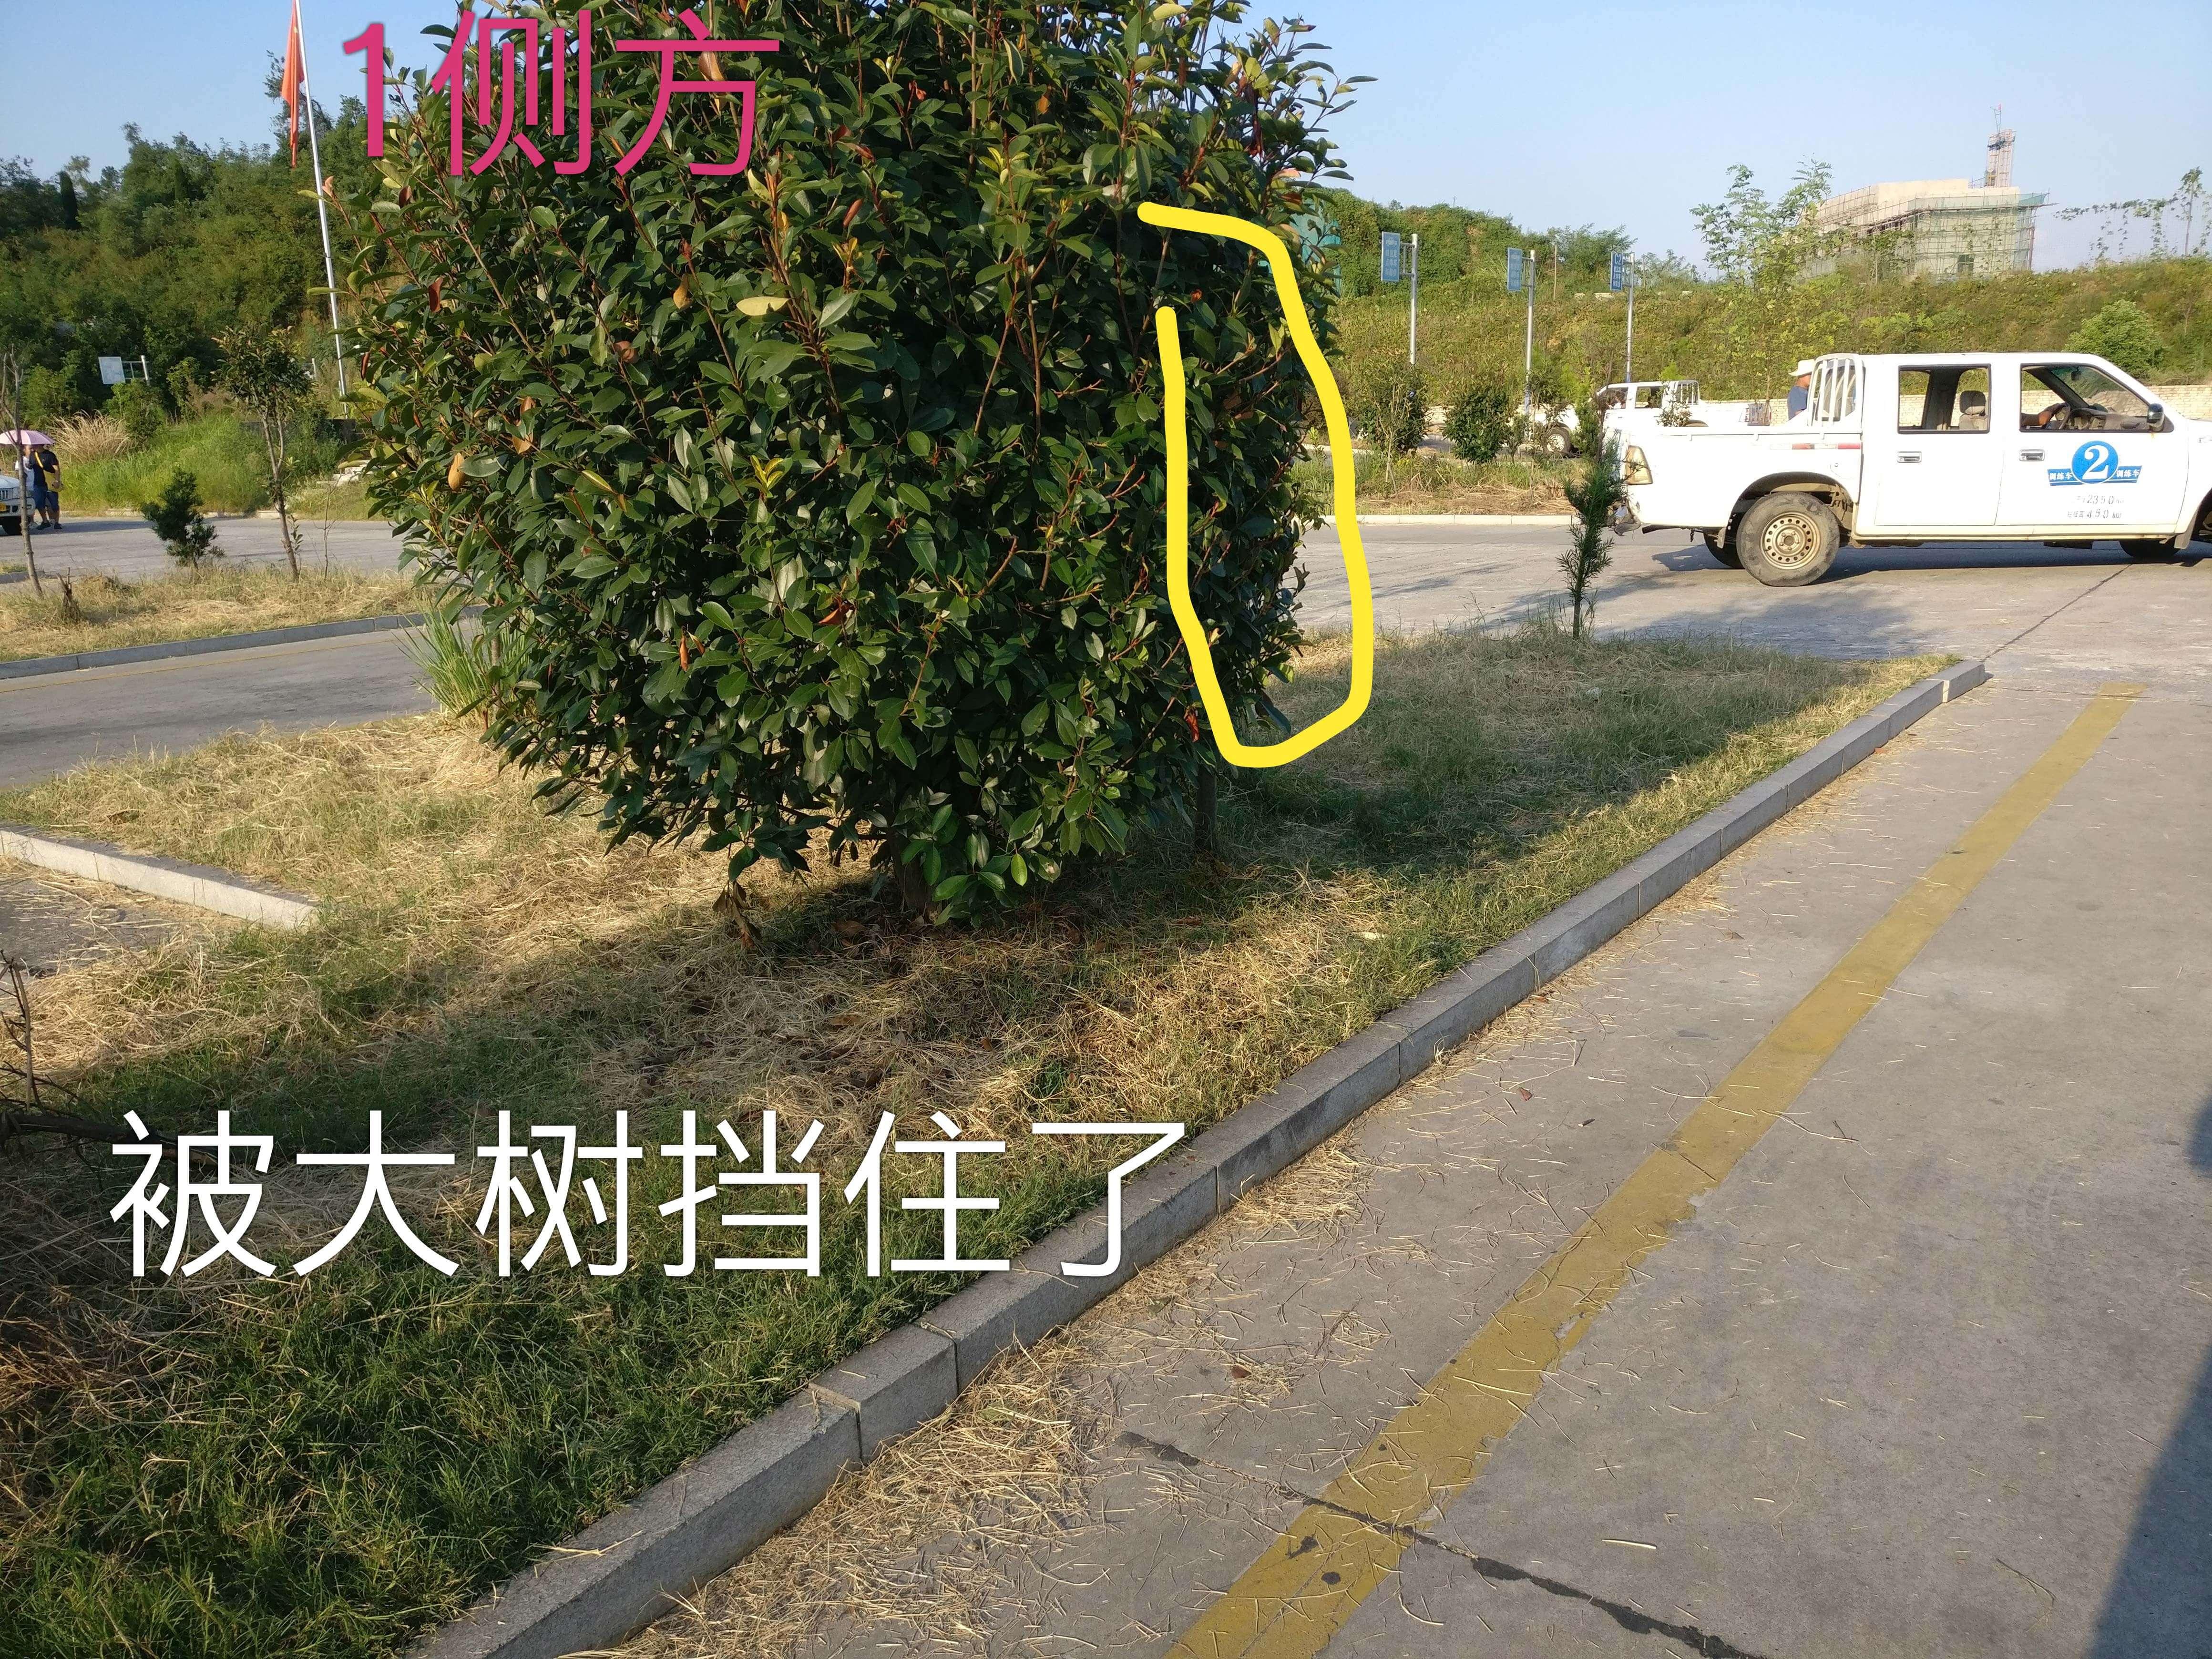 江西省庐山市星子科目二侧方位停车一